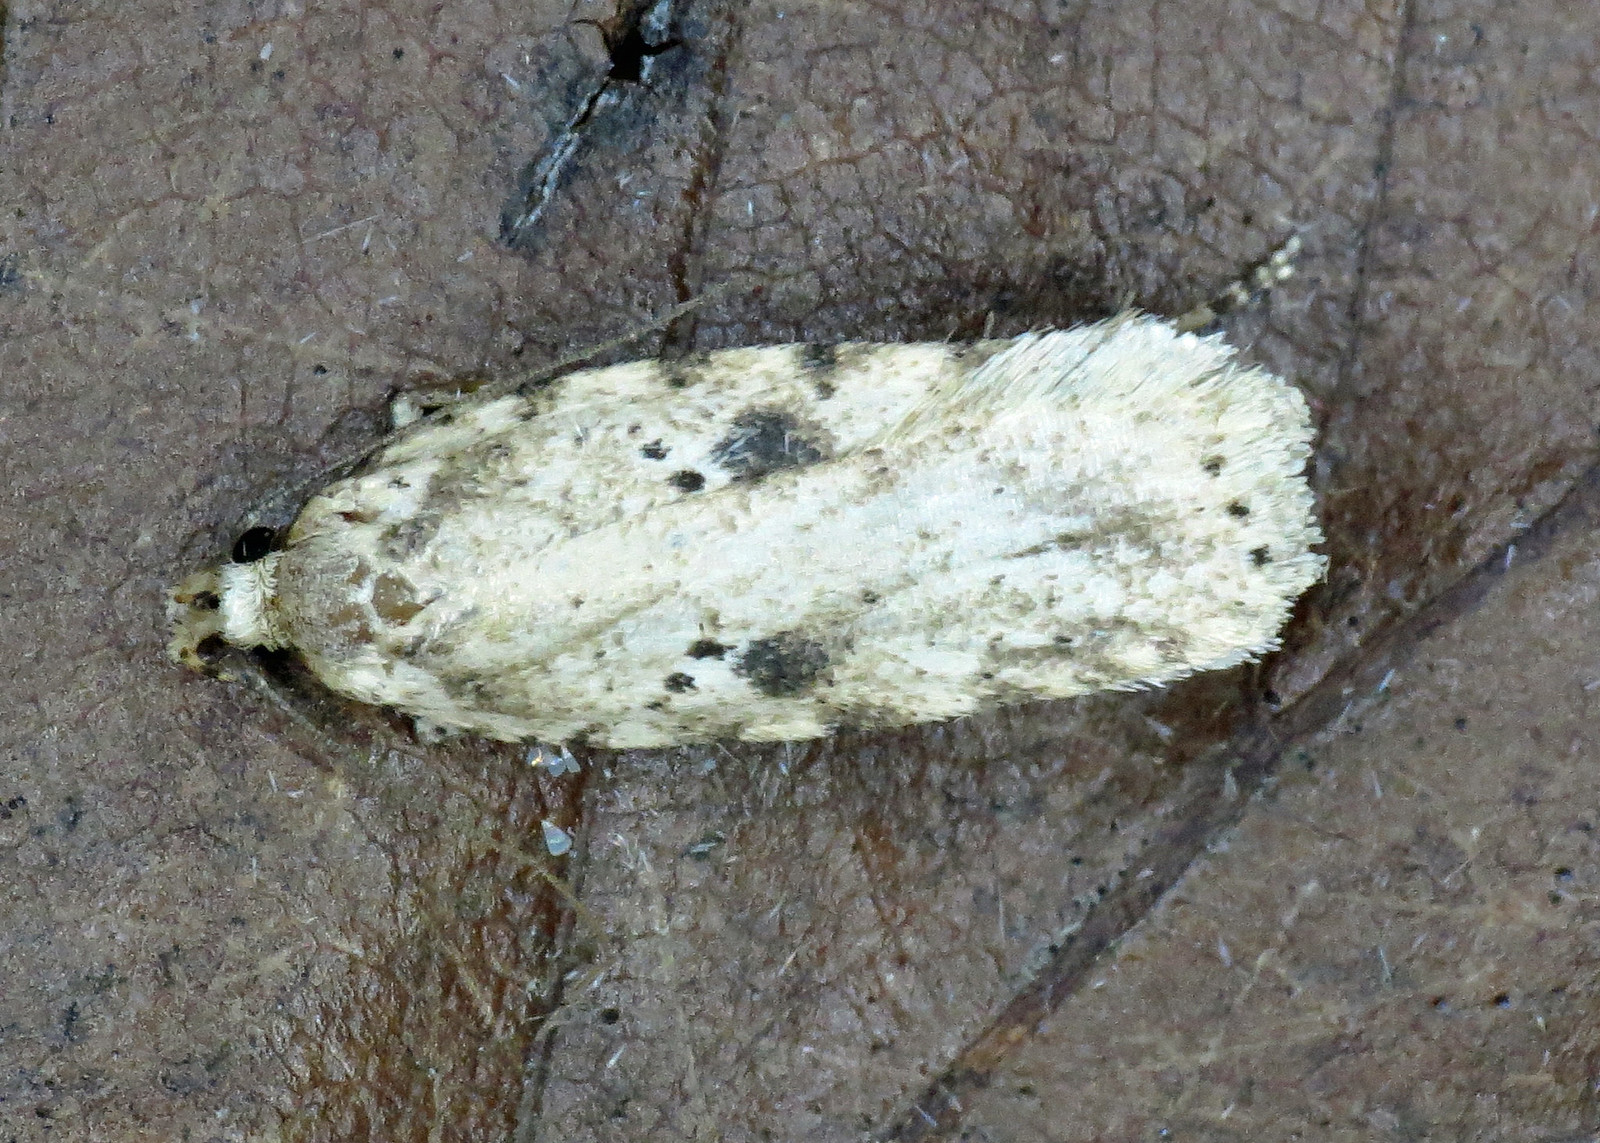 697 Agonopterix arenella